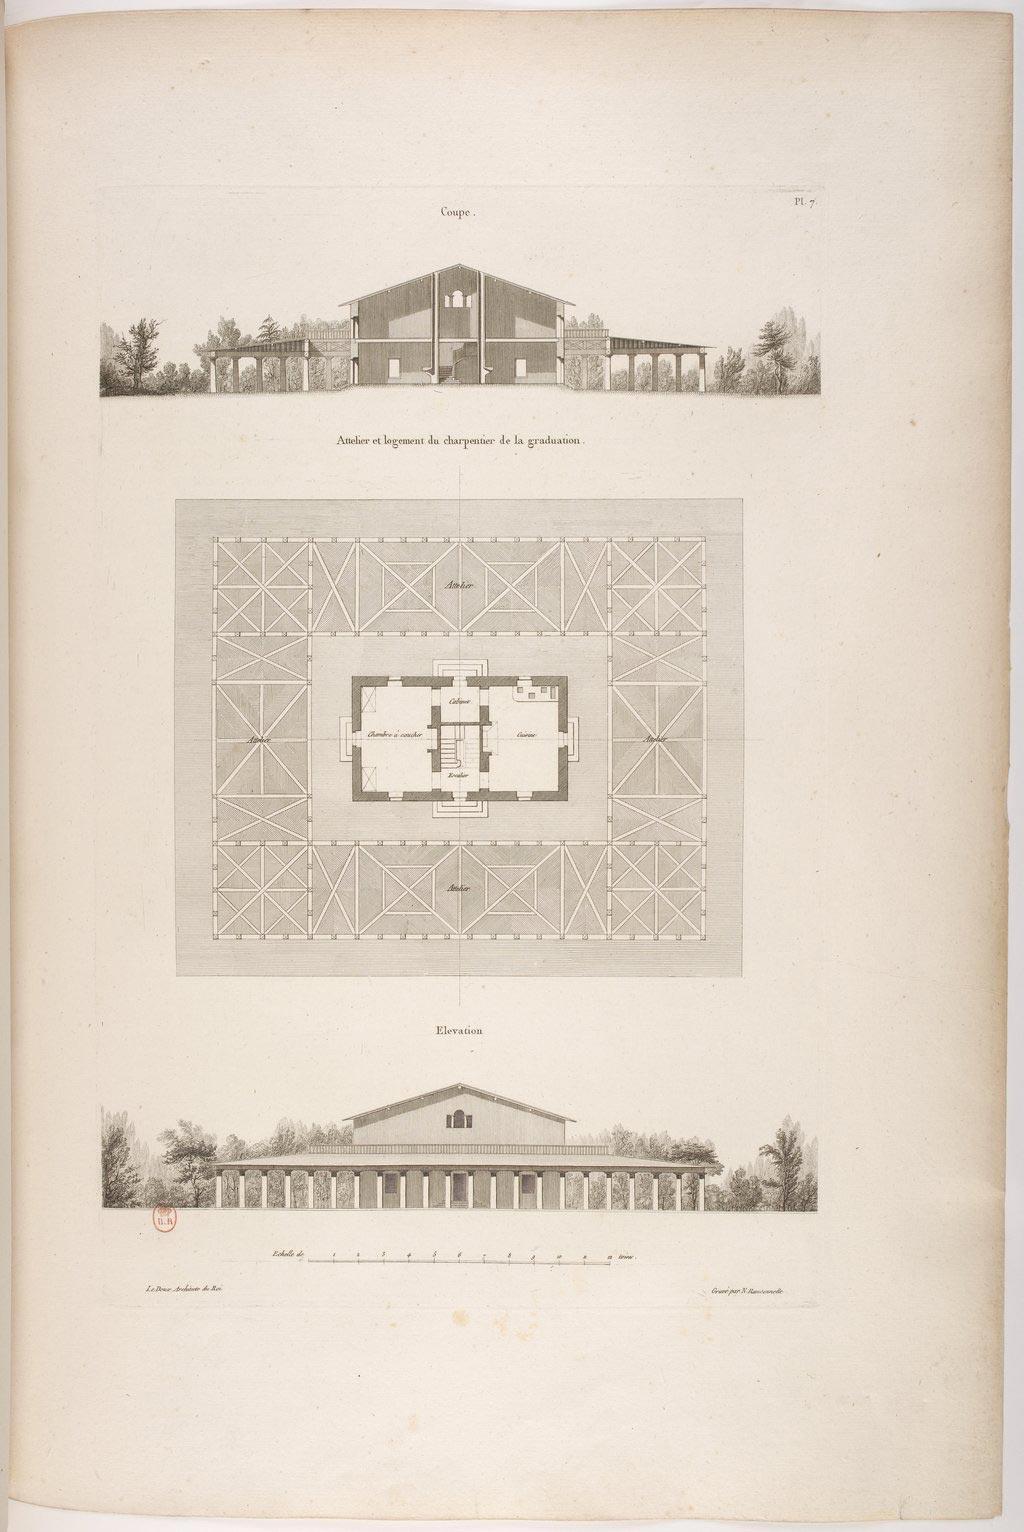 ledoux-claude-architecture-265